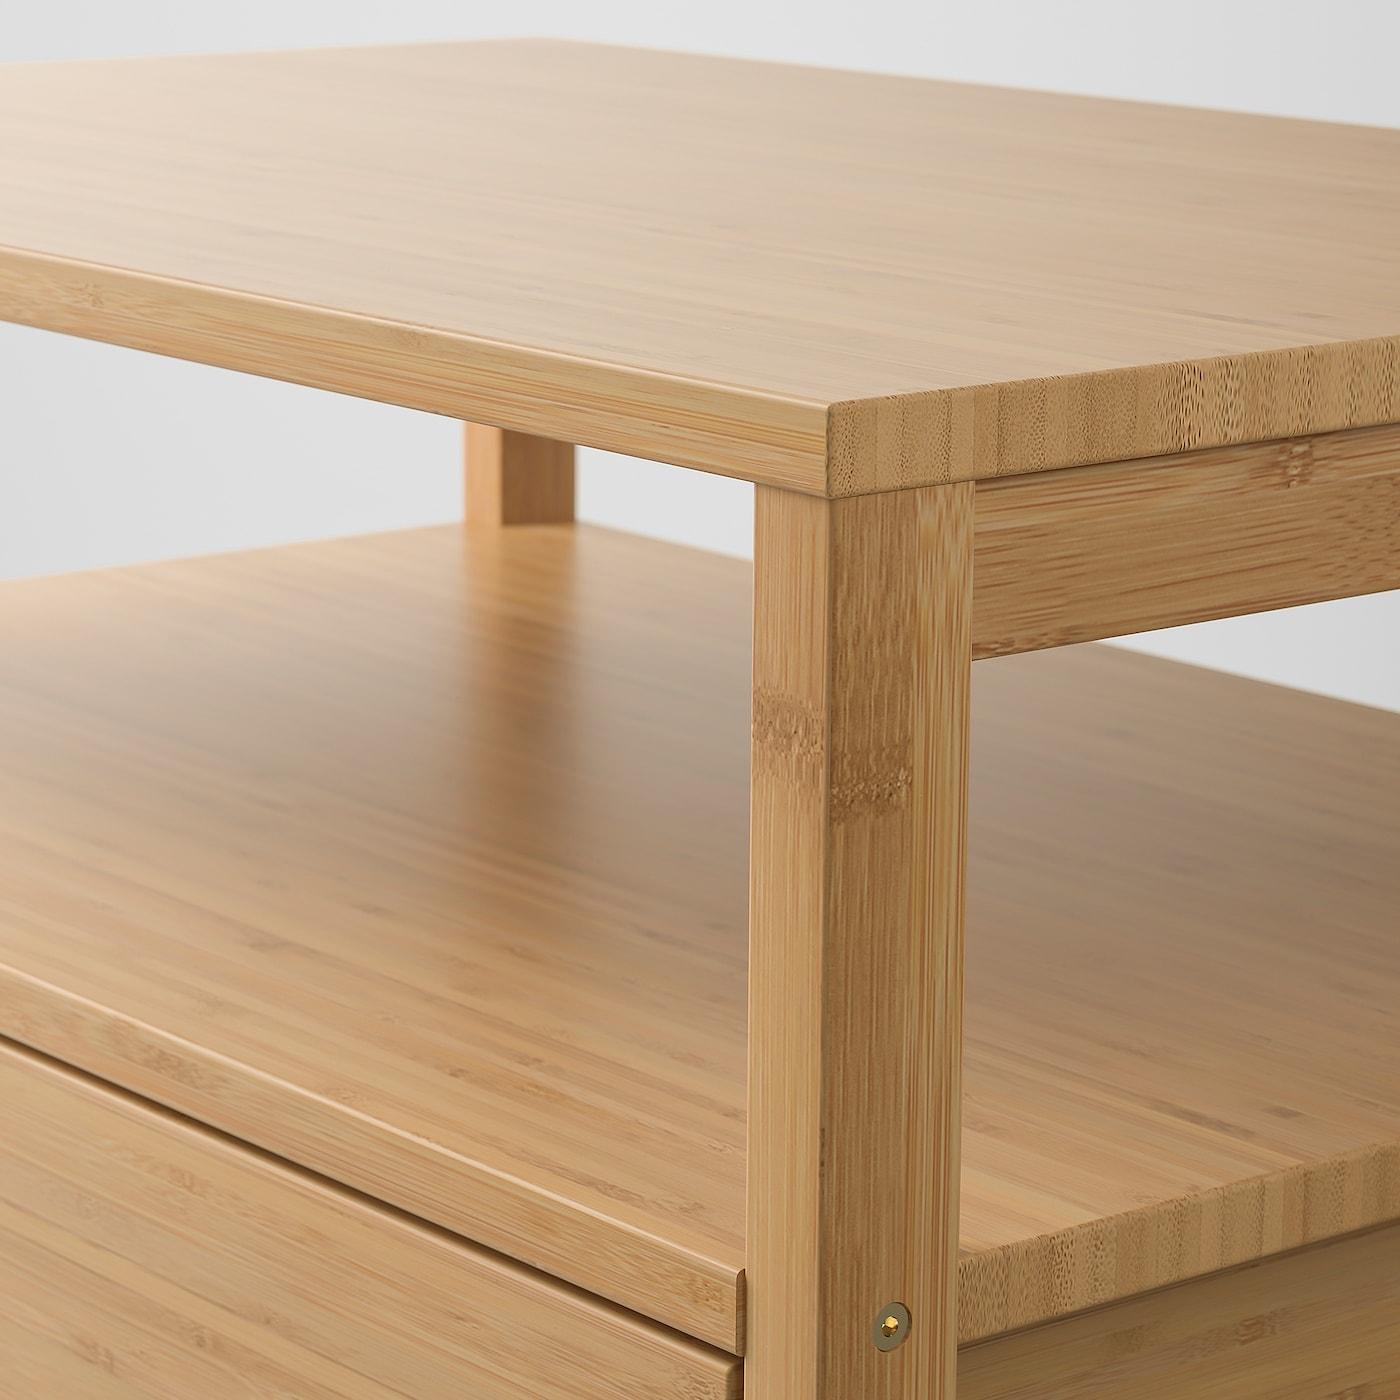 Nordkisa Sengebord Bambus Ikea